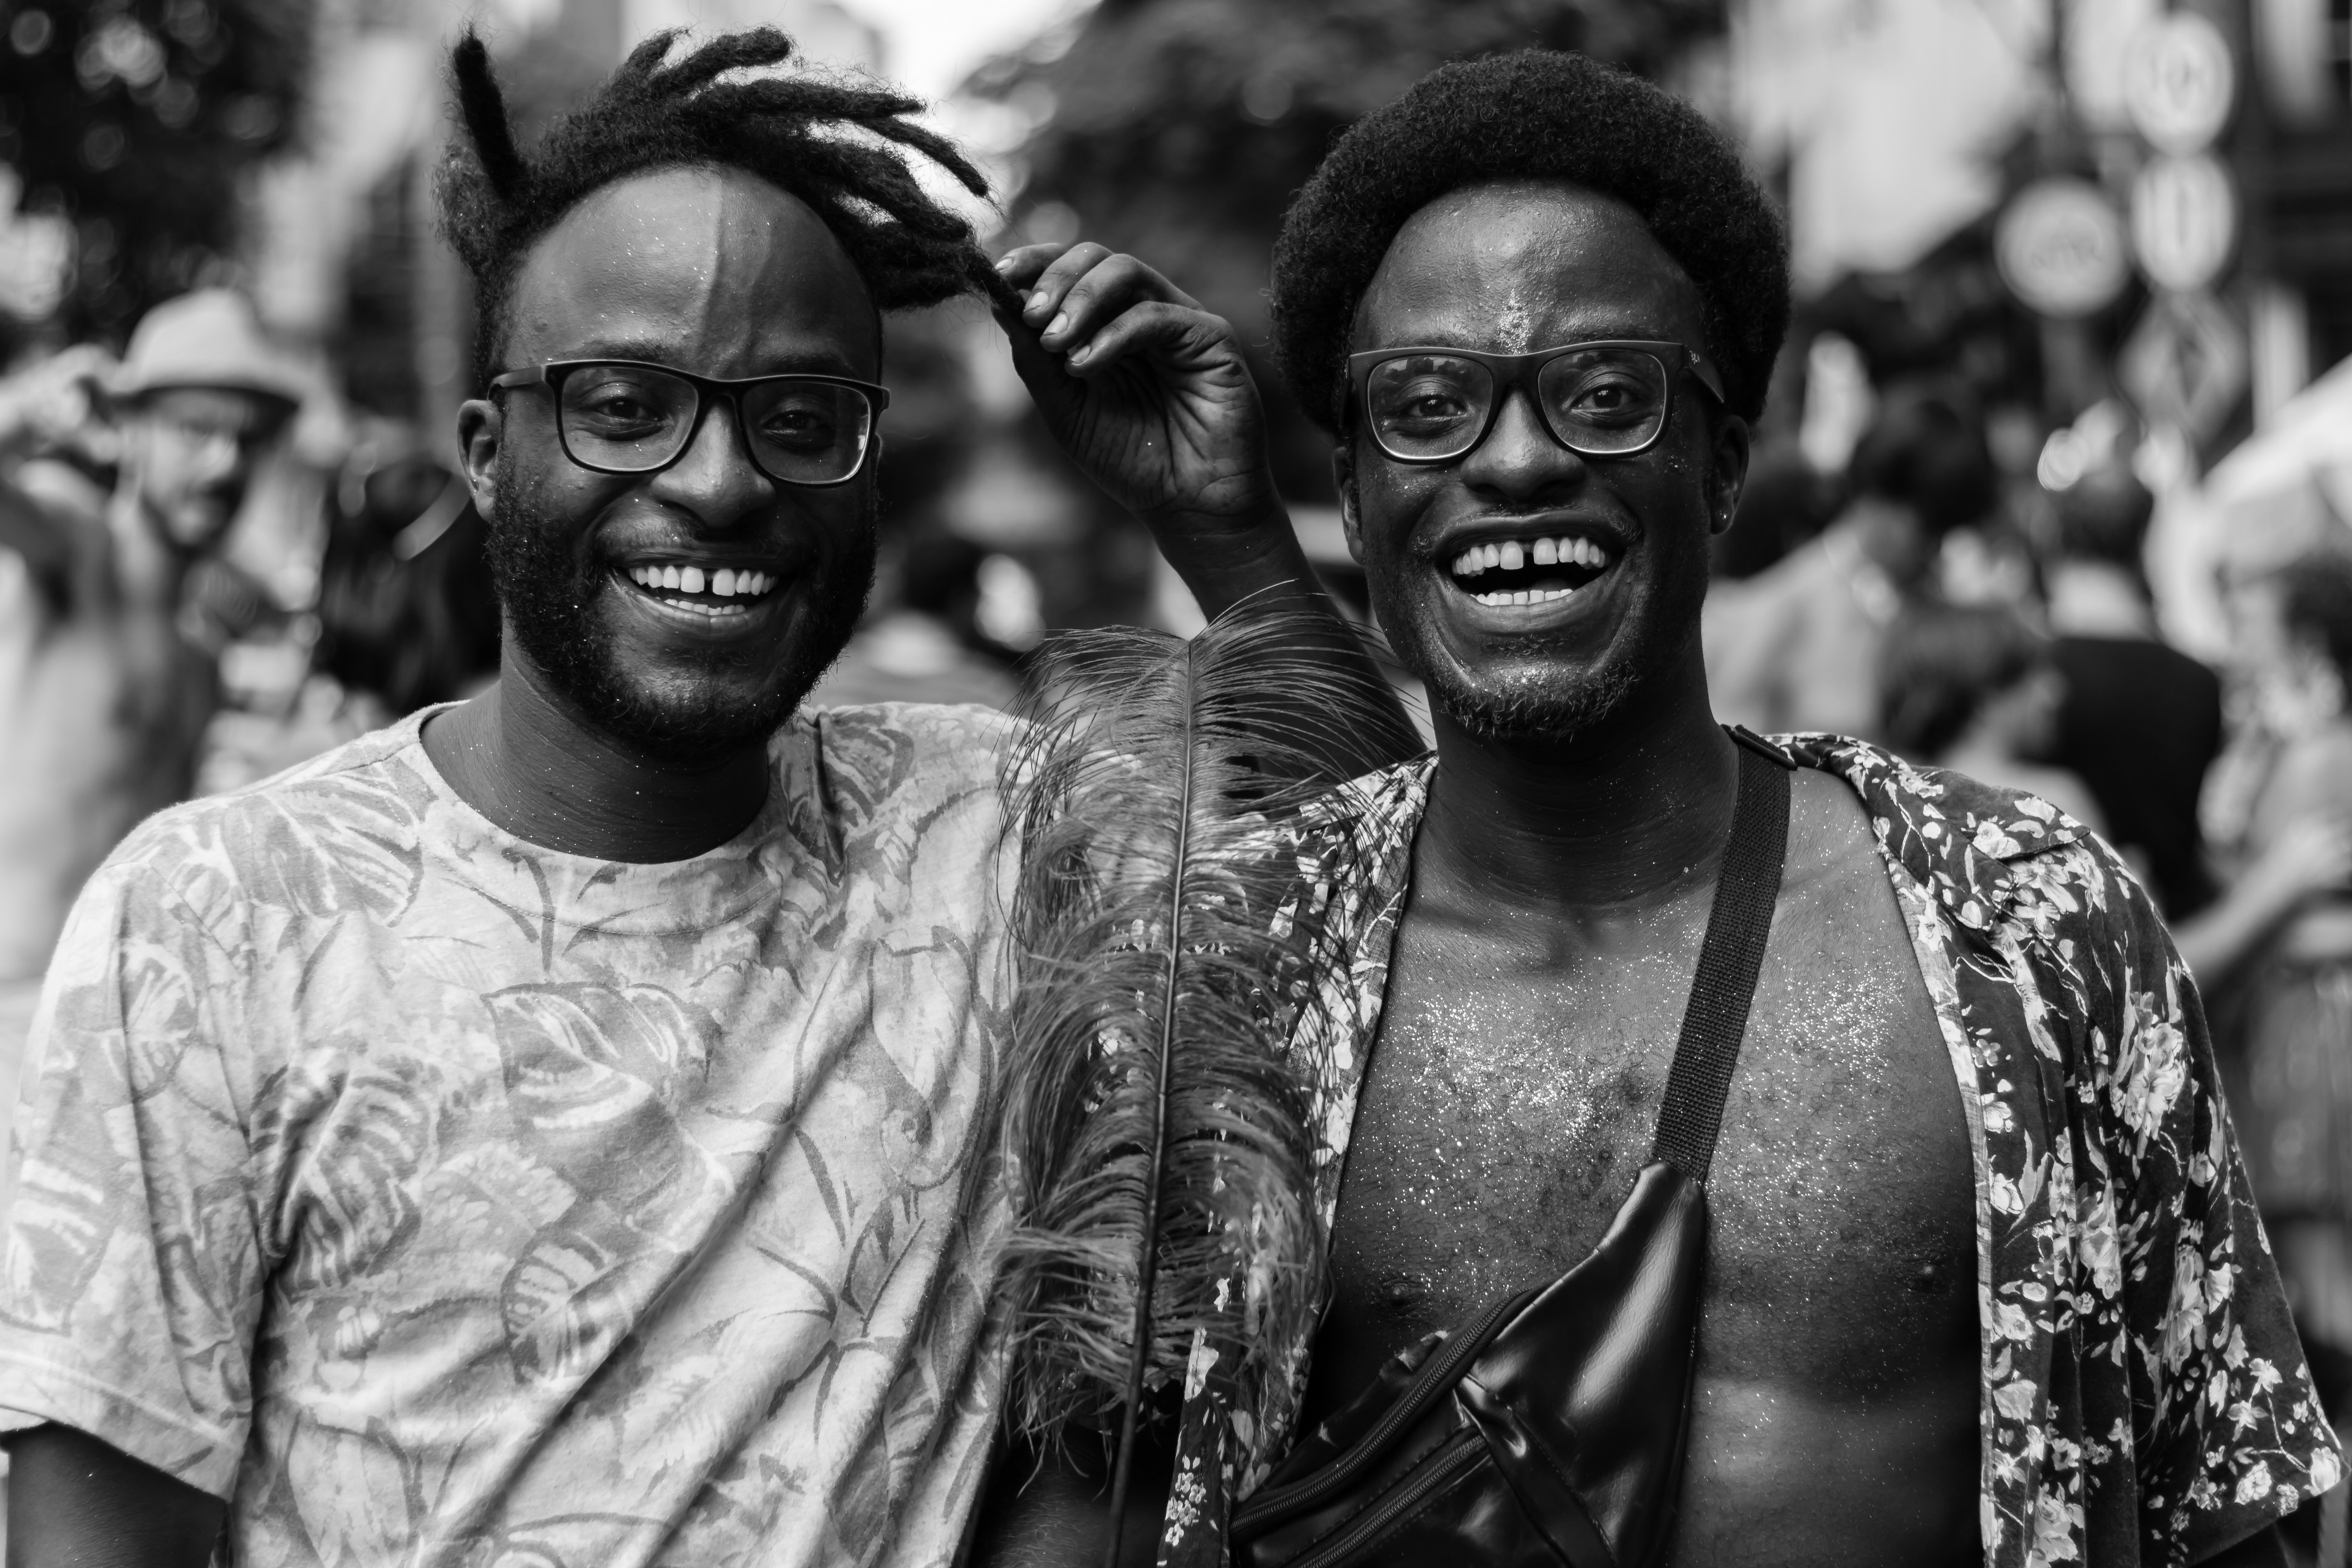 smiling-two-men-1993693